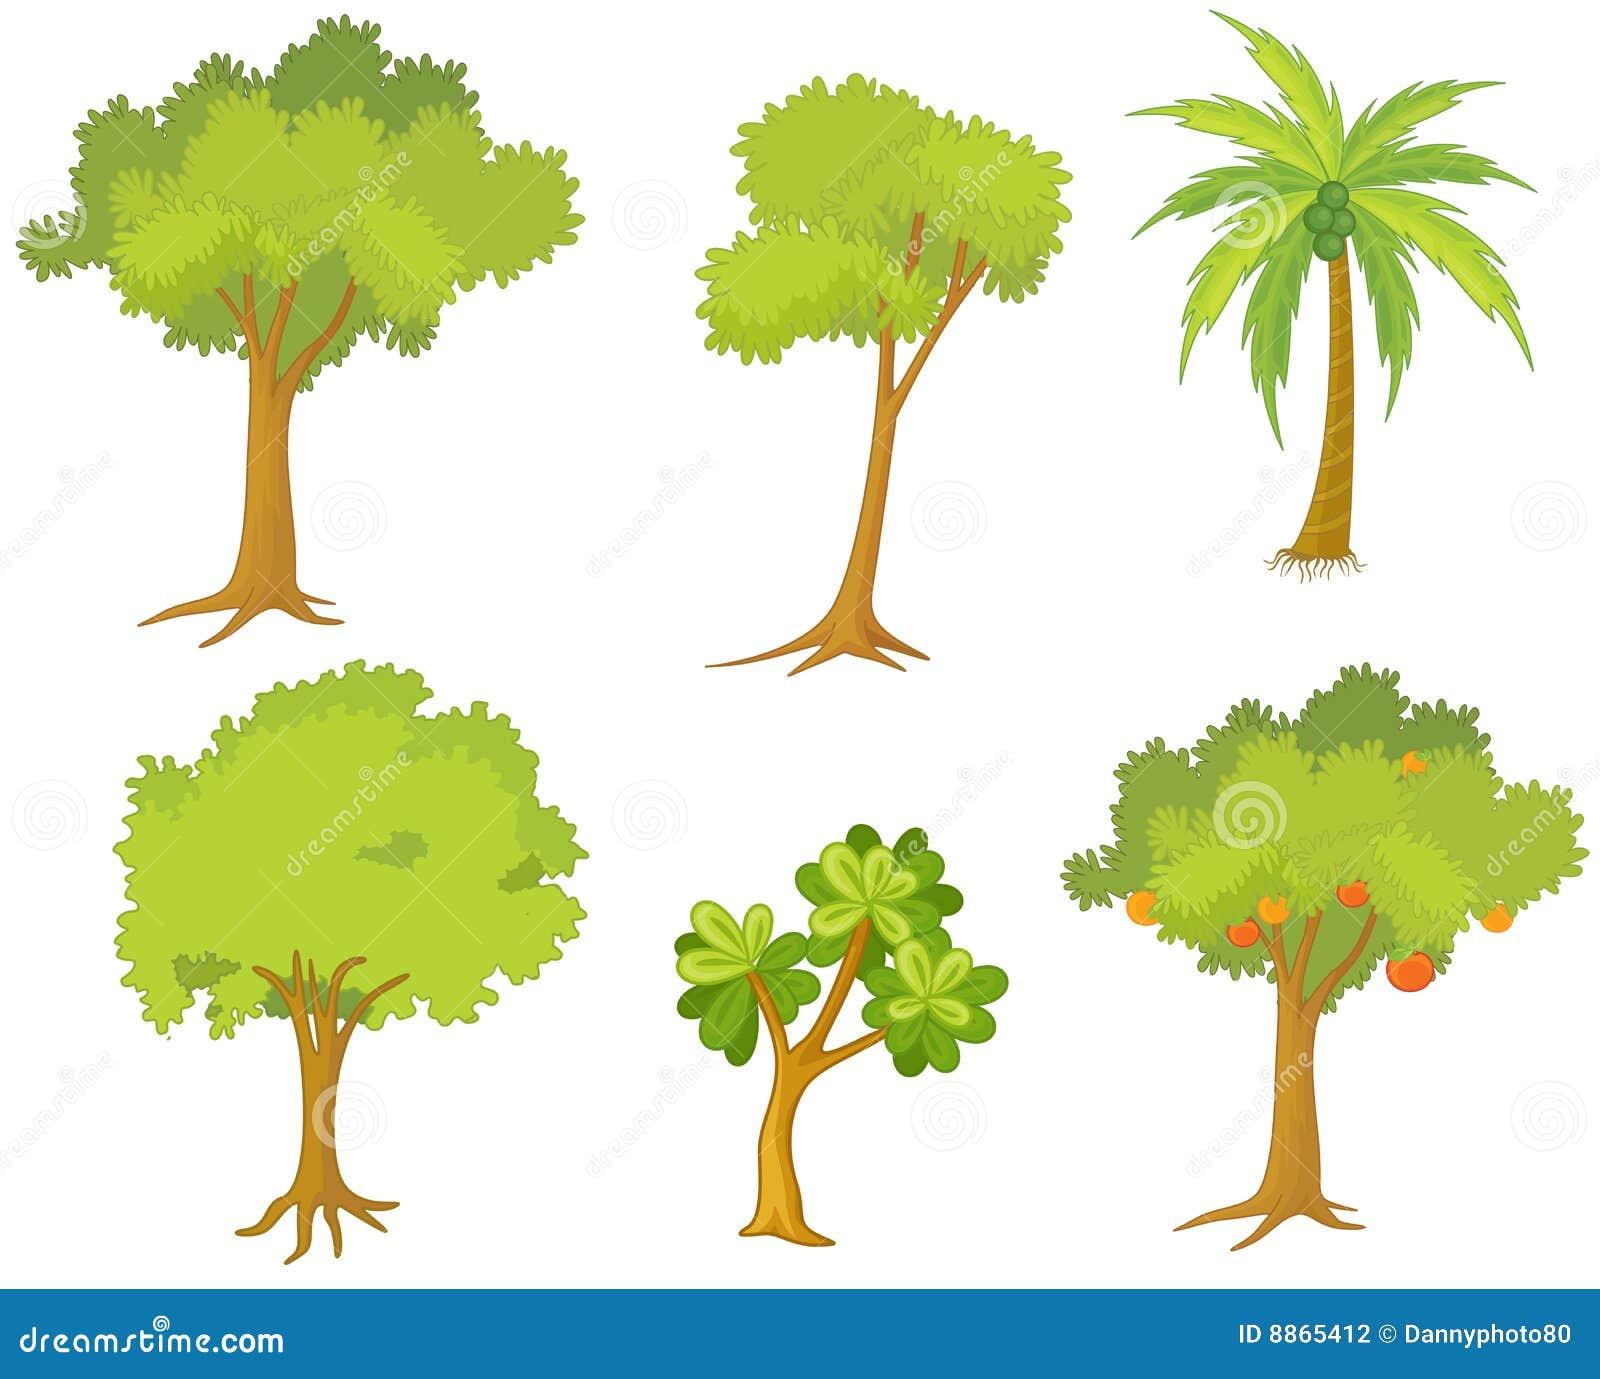 Varios rboles y plantas fotograf a de archivo imagen for Plantas y arbustos de exterior